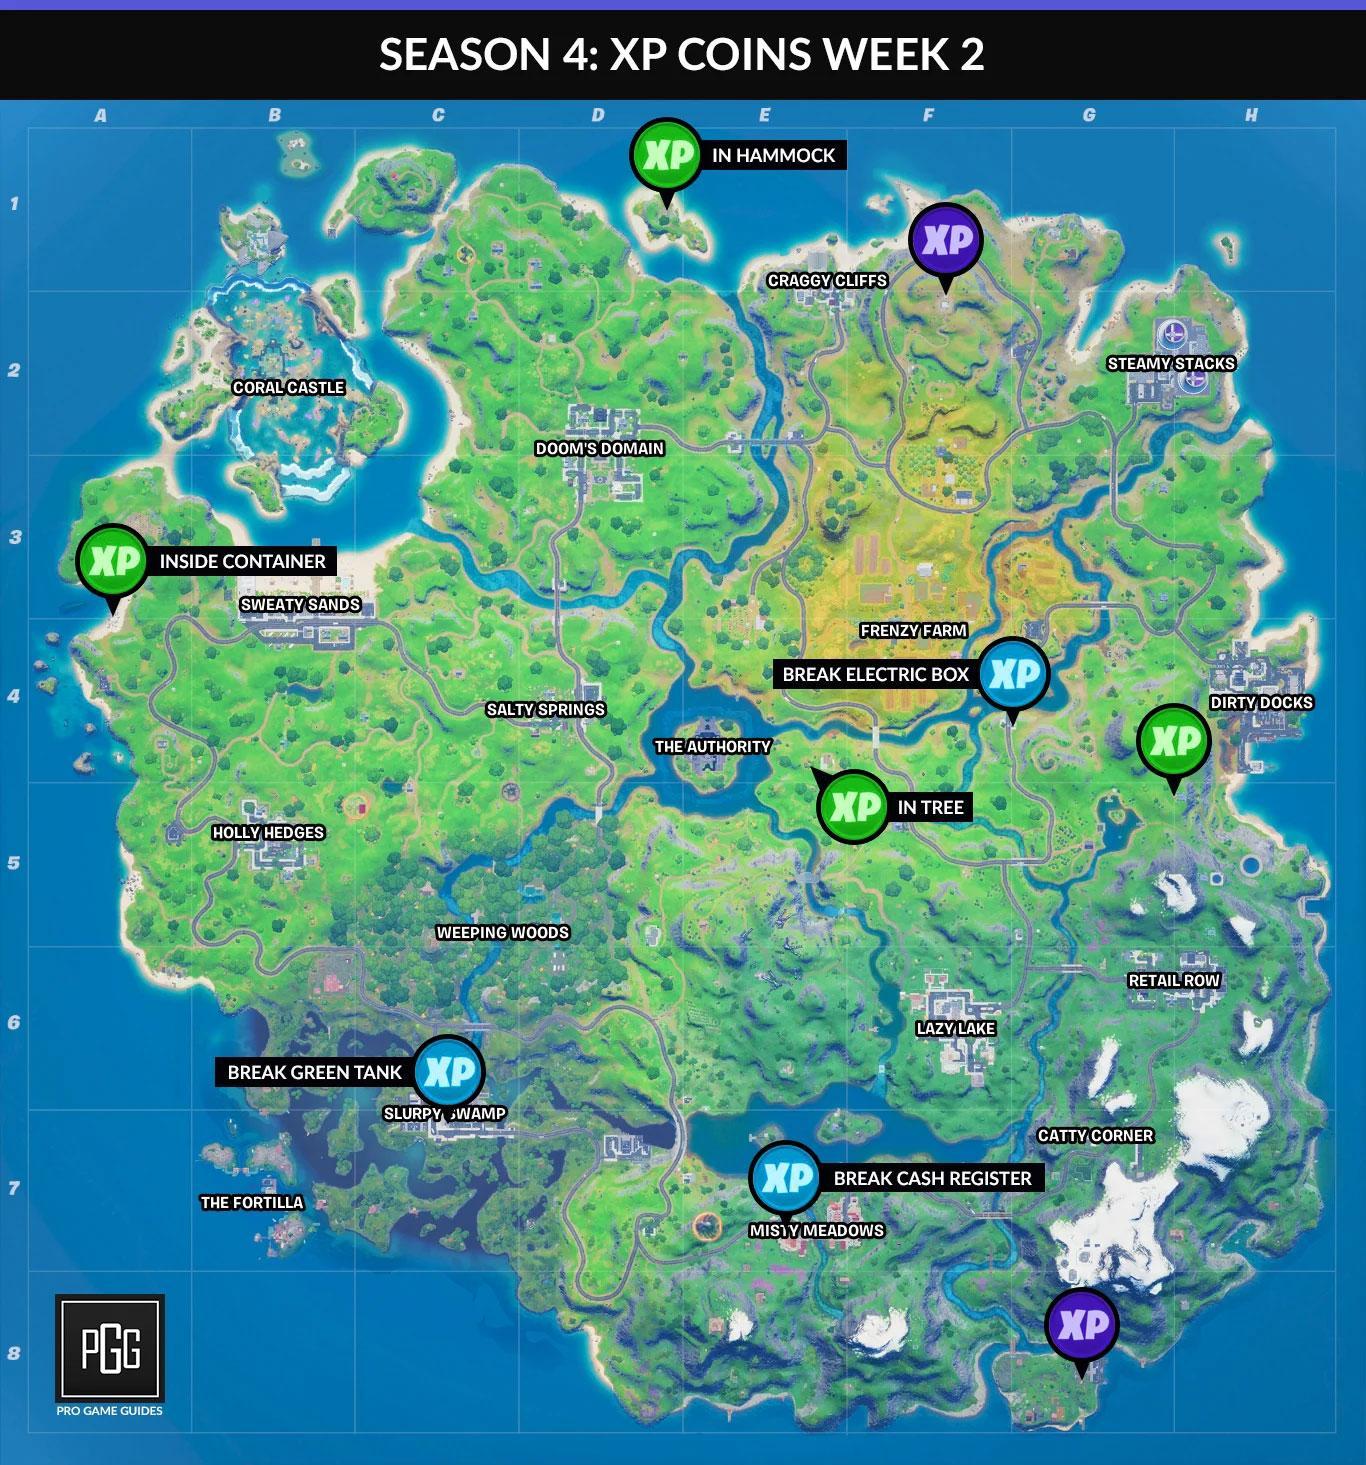 Карта всех монет недели 2 Сезон 4 в Fortnite